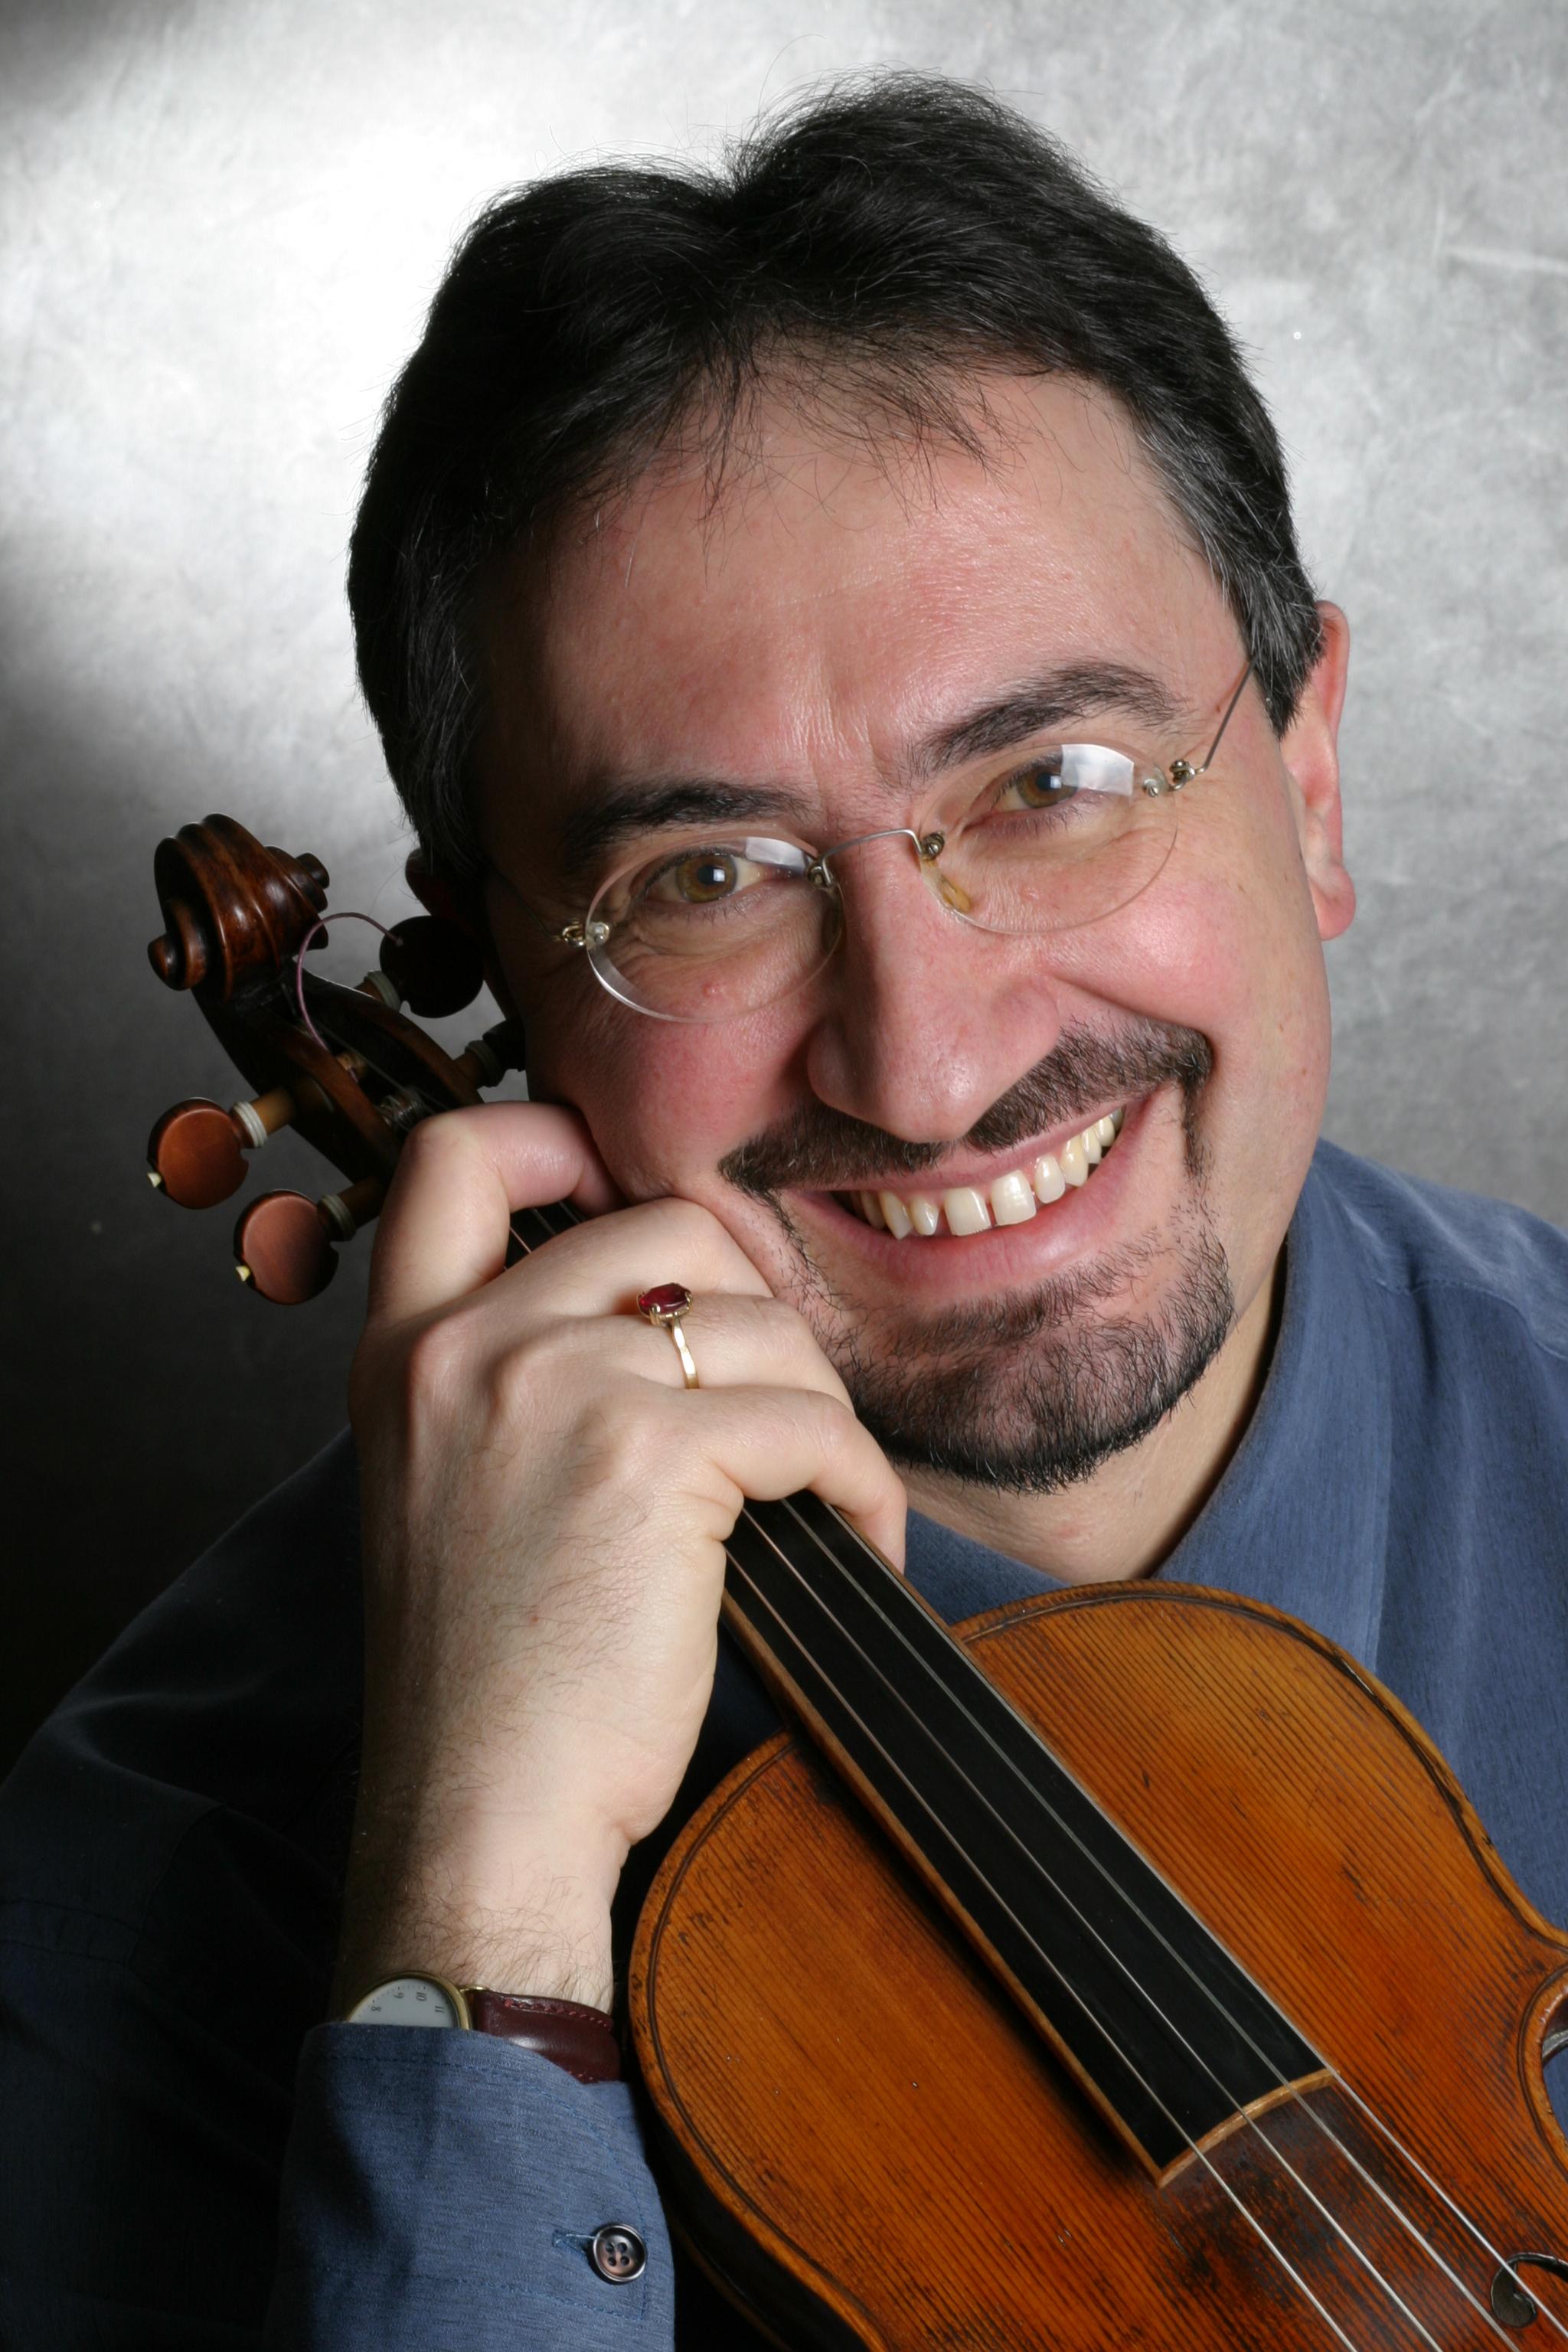 Enrico Gatti, violin